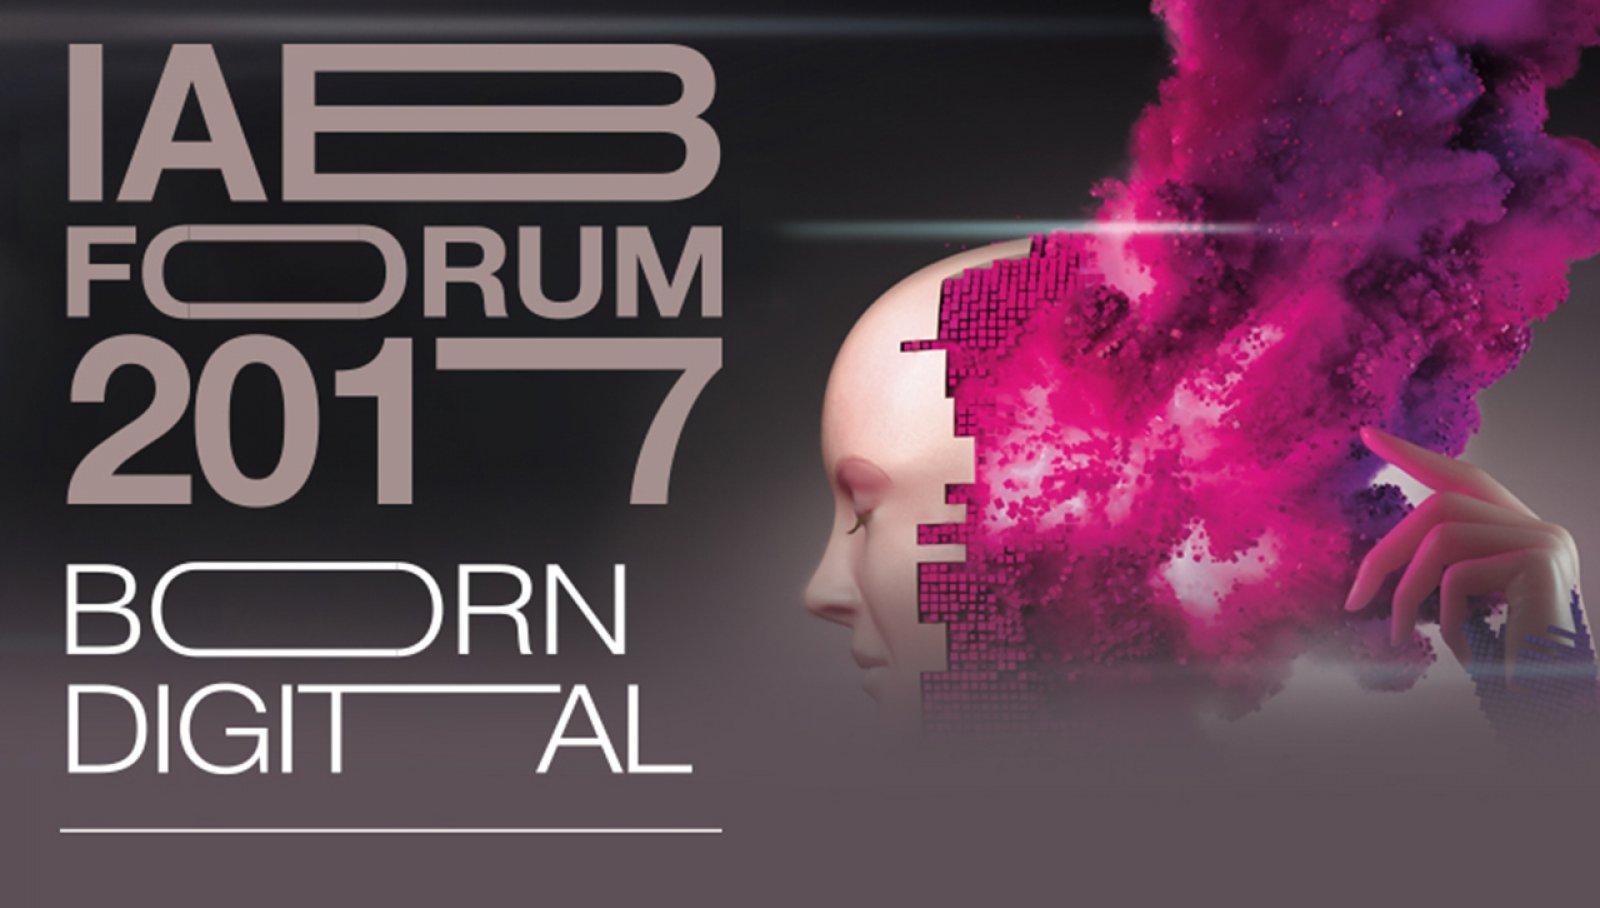 IGPDecaux IAB Forum